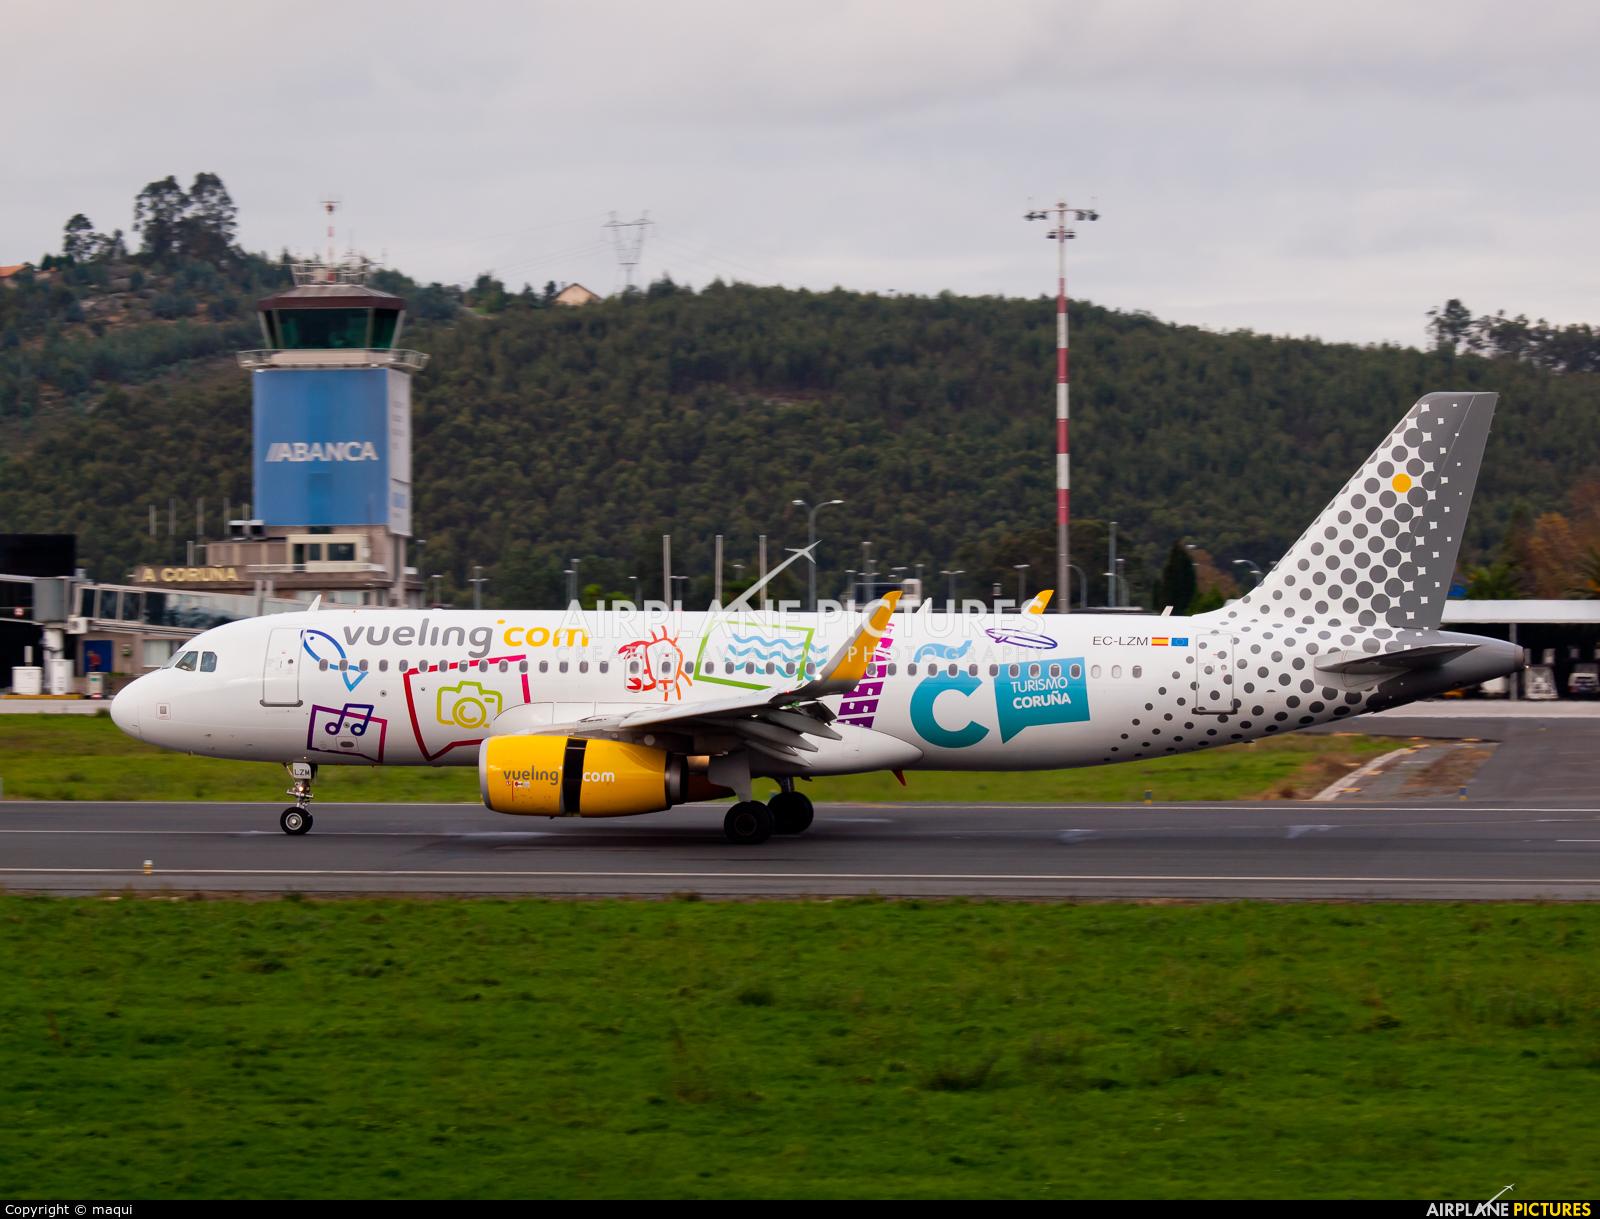 Vueling Airlines EC-LZM aircraft at La Coruña